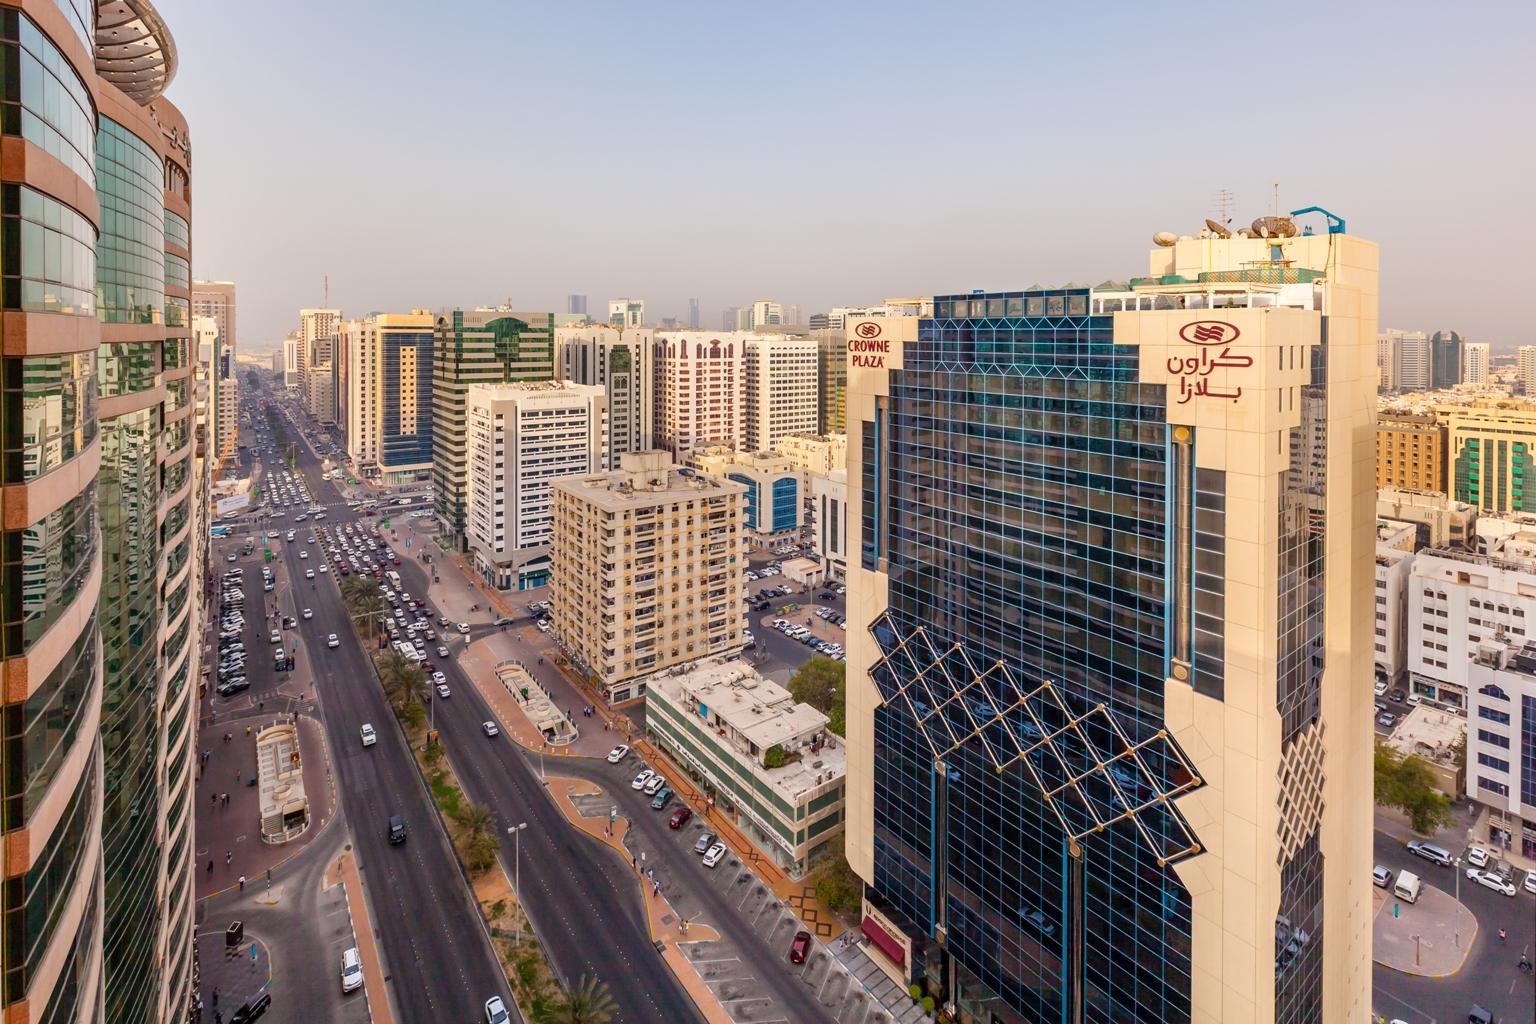 Courtesy of Crowne Plaza Abu Dhabi